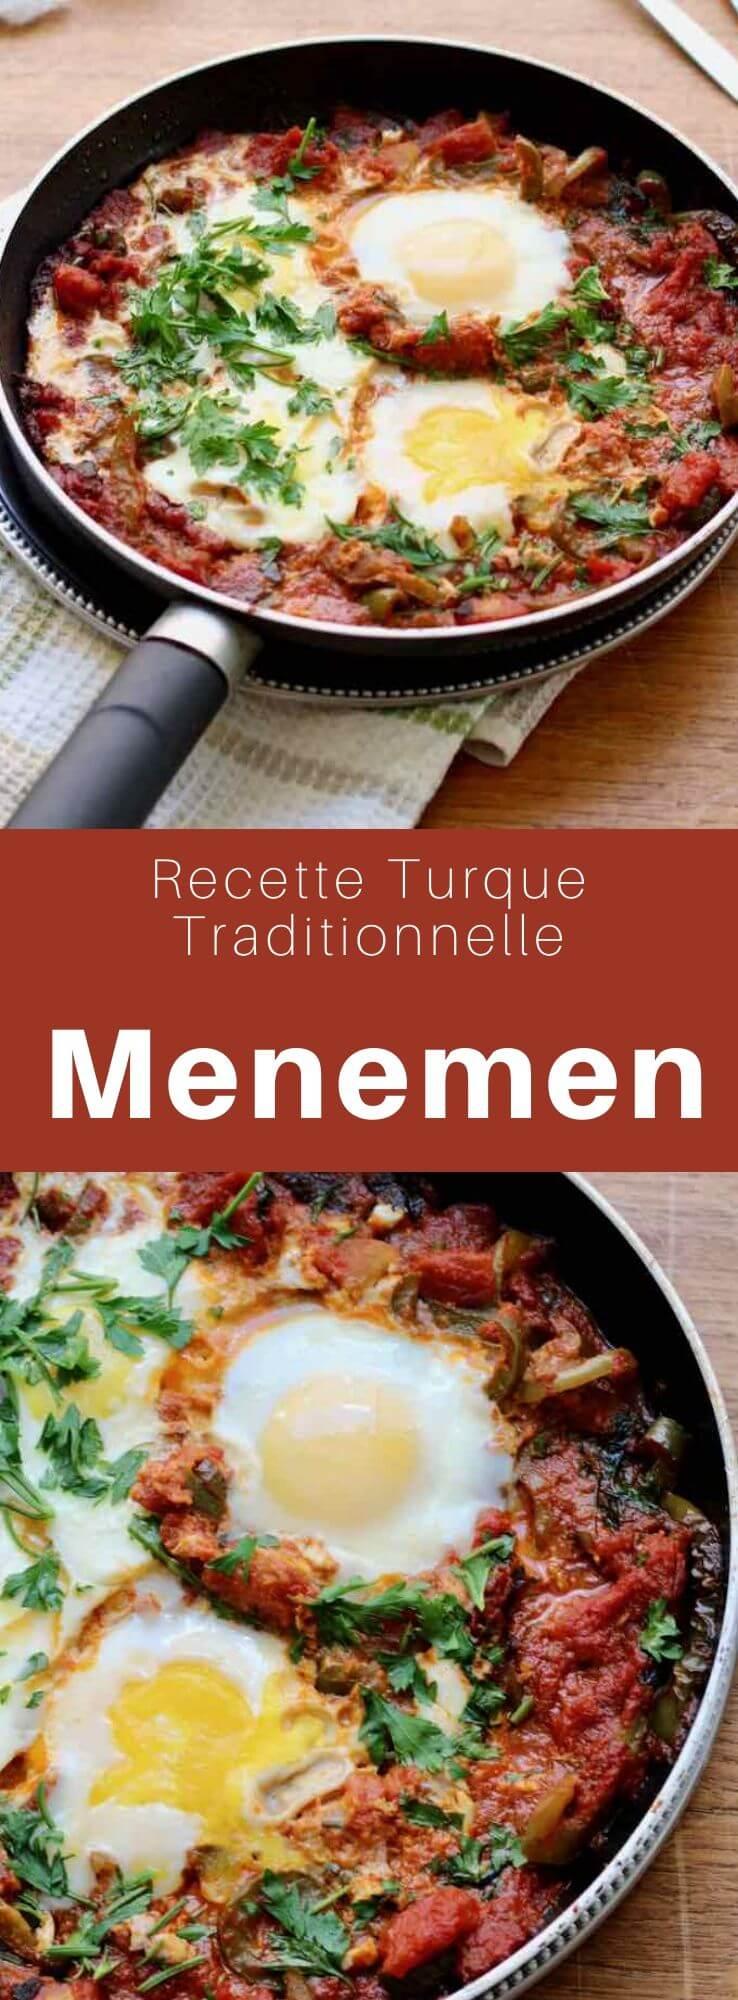 Le menemen est un plat turc, similaire à la chakchouka, composé d'œufs, de tomate, de poivron vert, et d'oignon cuits dans de l'huile d'olive. #Turquie #RecetteTurque #CuisineTurque #CuisineDuMonde #196flavors